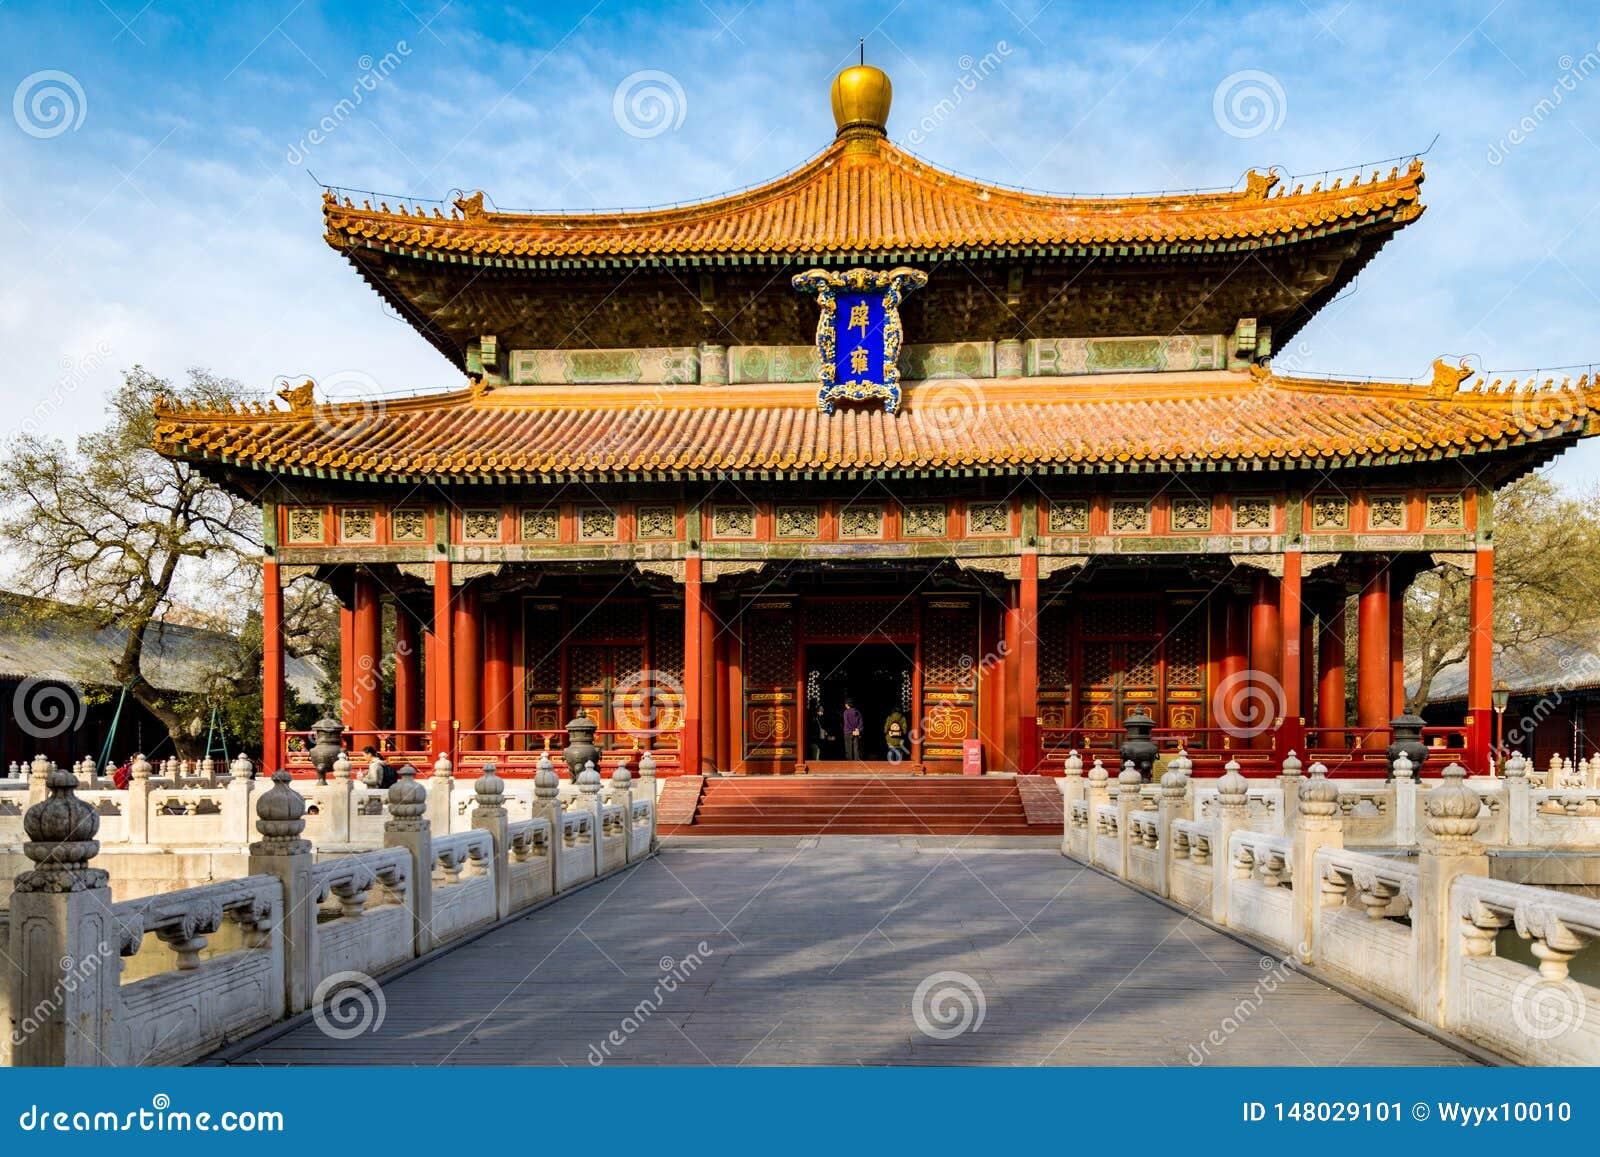 Klassische und historische Architektur in Peking, China